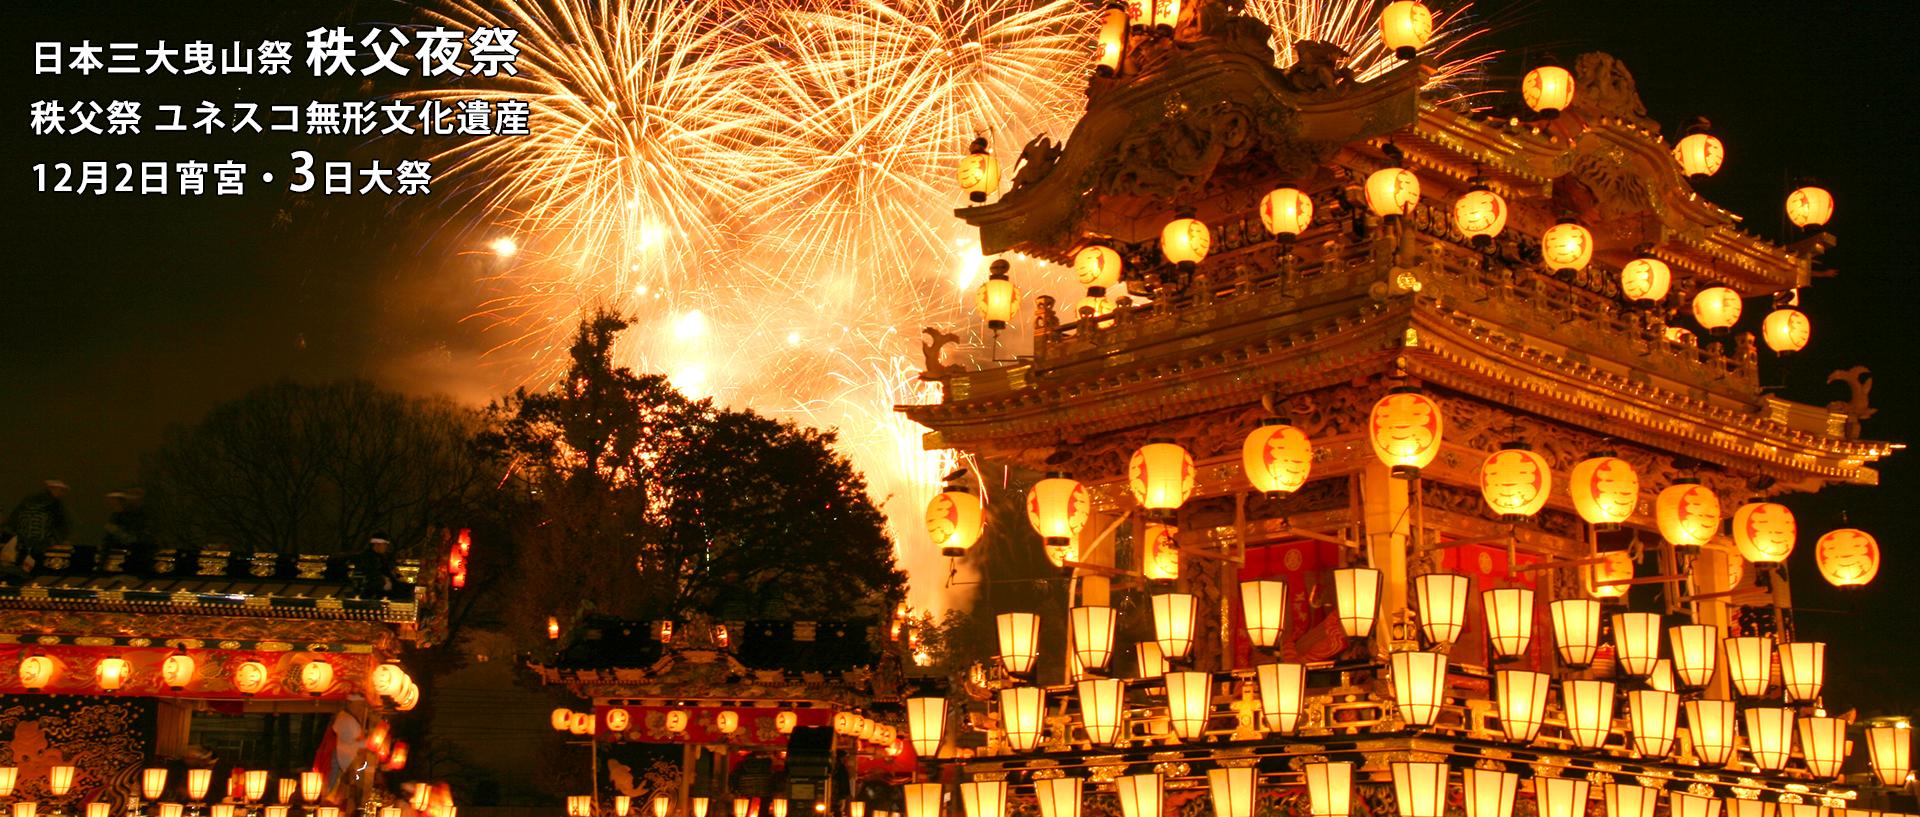 日本三大曳山祭 秩父夜祭 秩父祭 ユネスコ無形文化遺産 12月2日宵宮・3日大祭